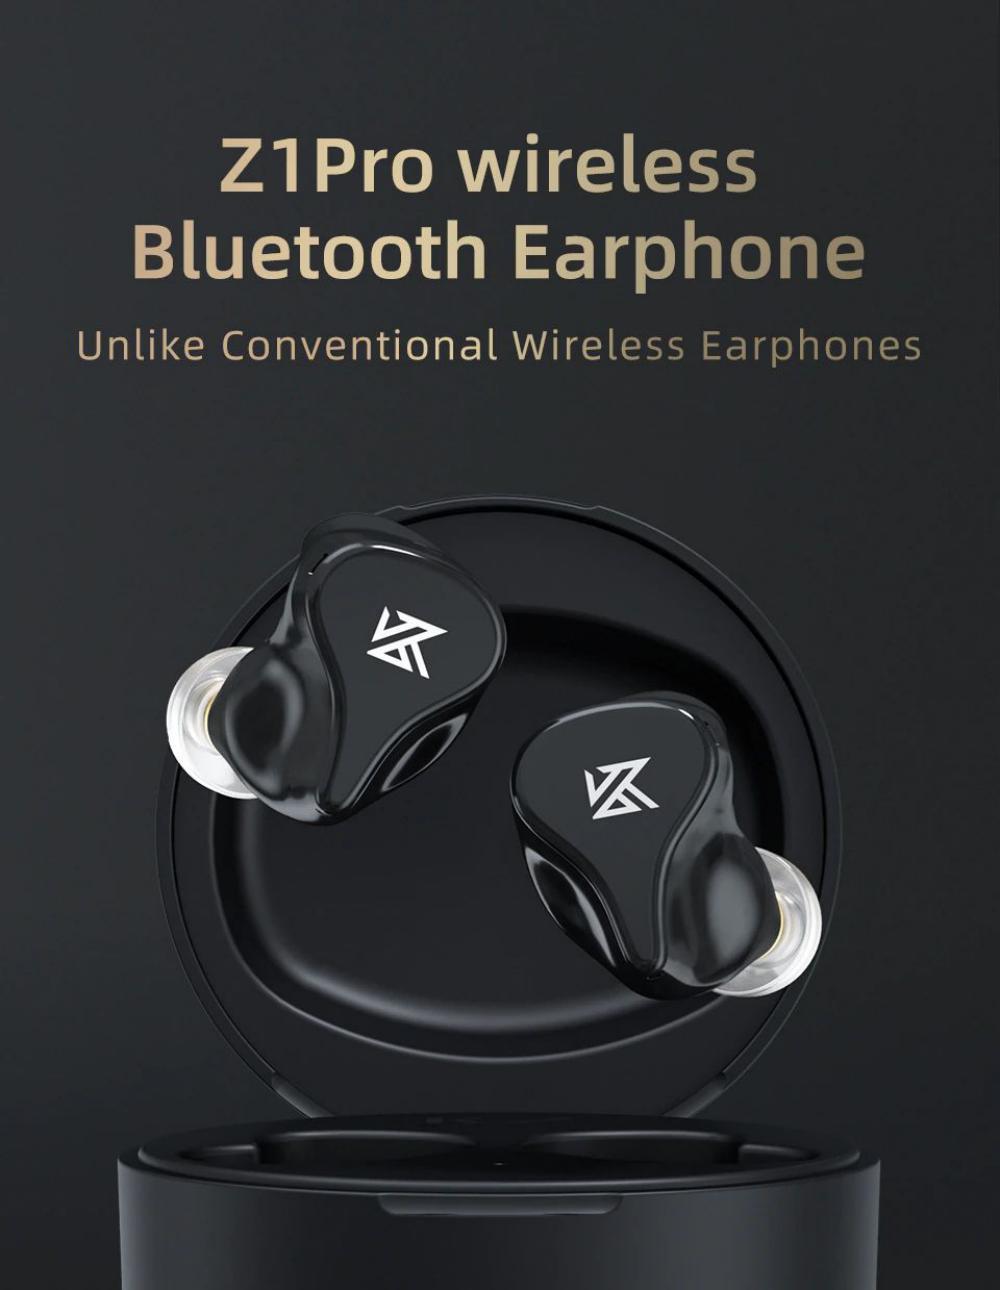 Kz Z1 Pro Wireless Bluetooth Earphone (5)